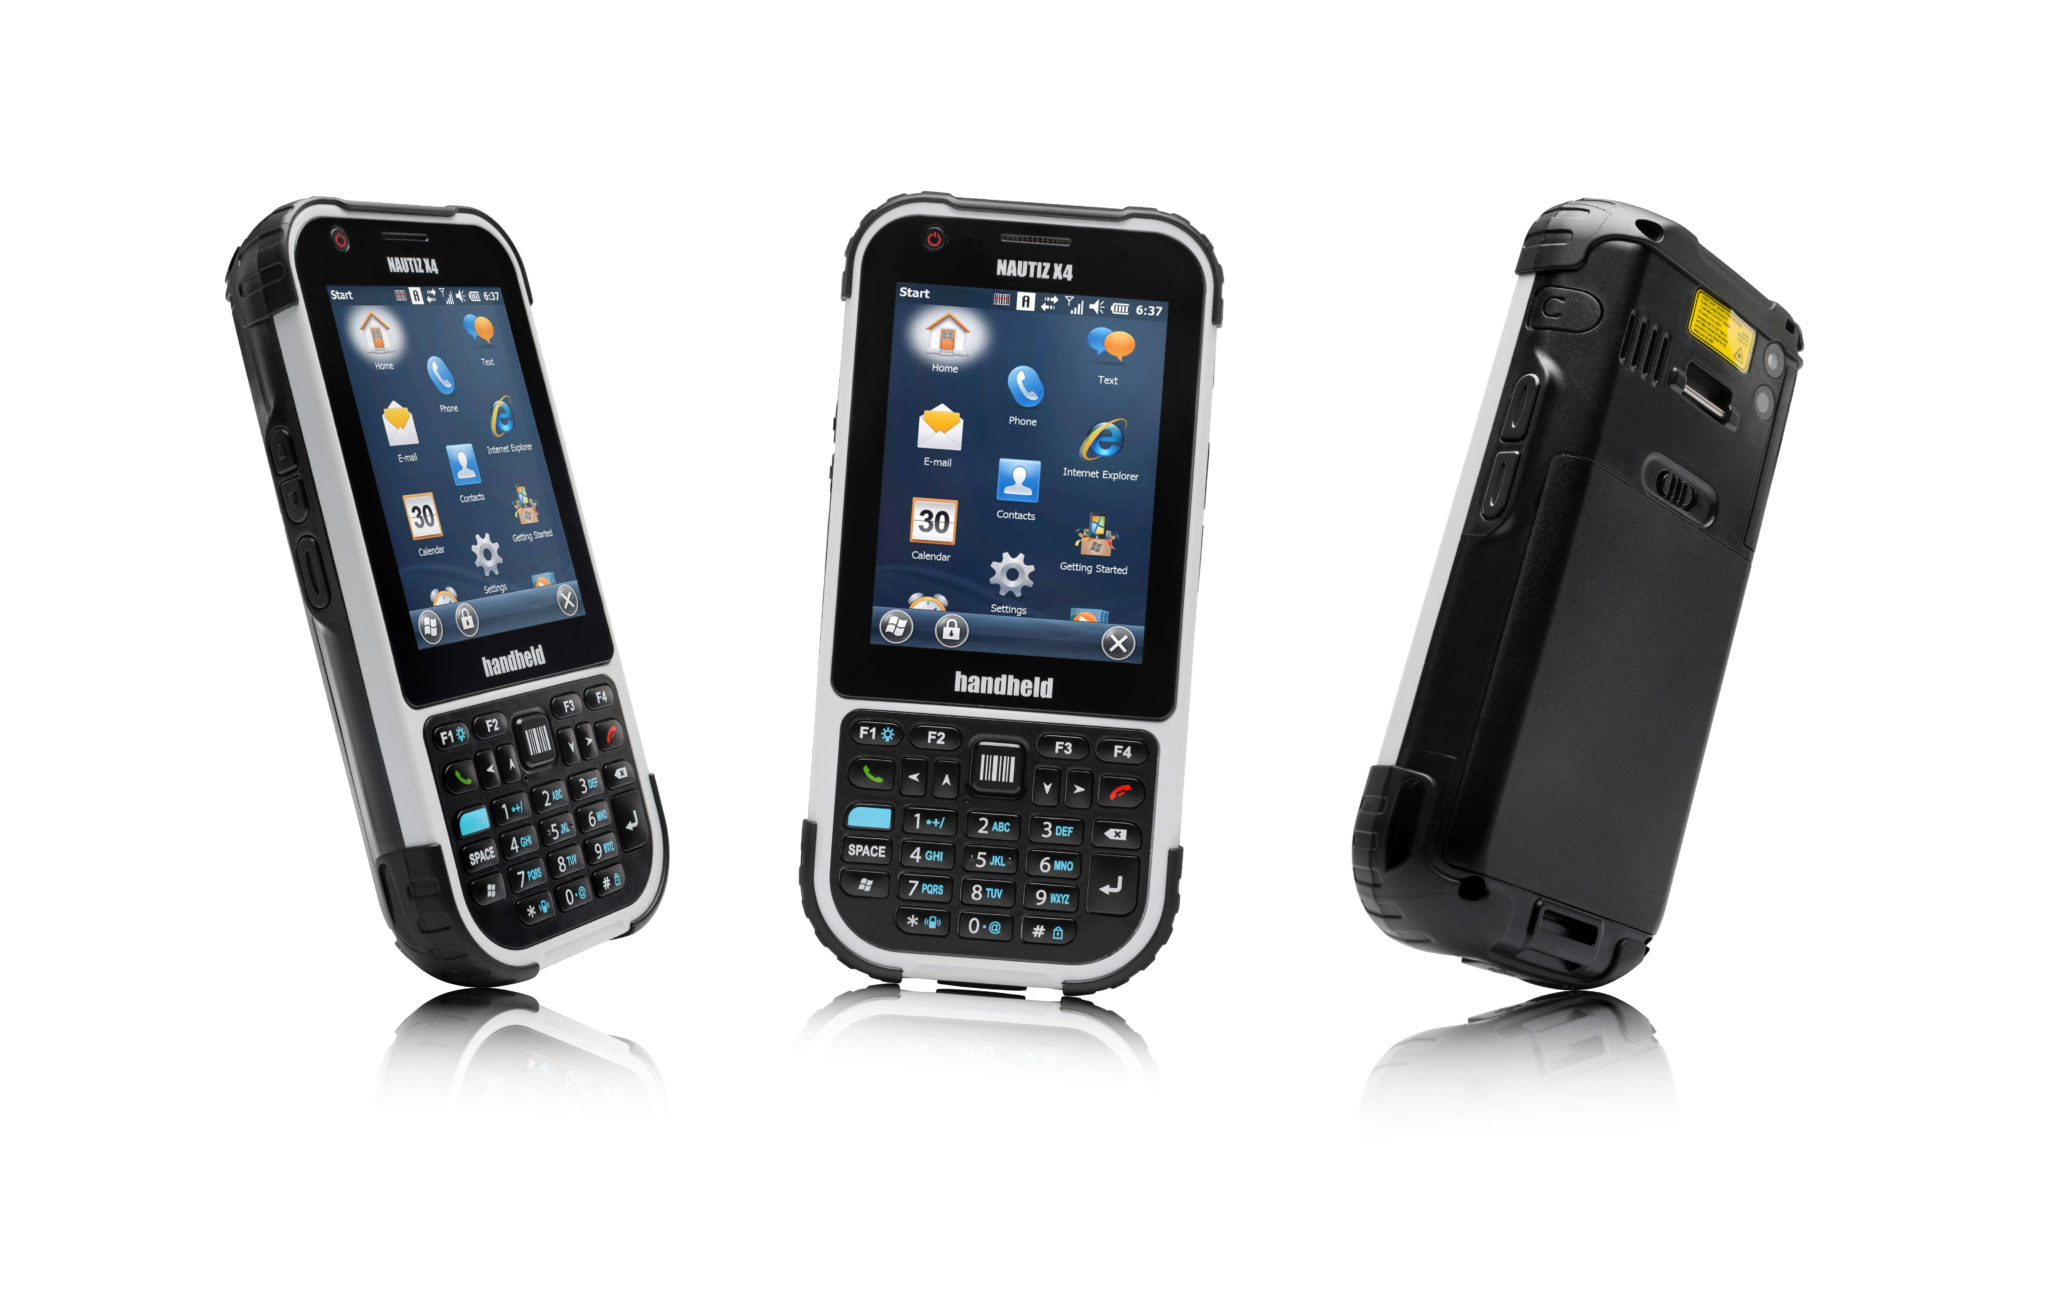 nautiz-x4-handheld-rugged-every-side